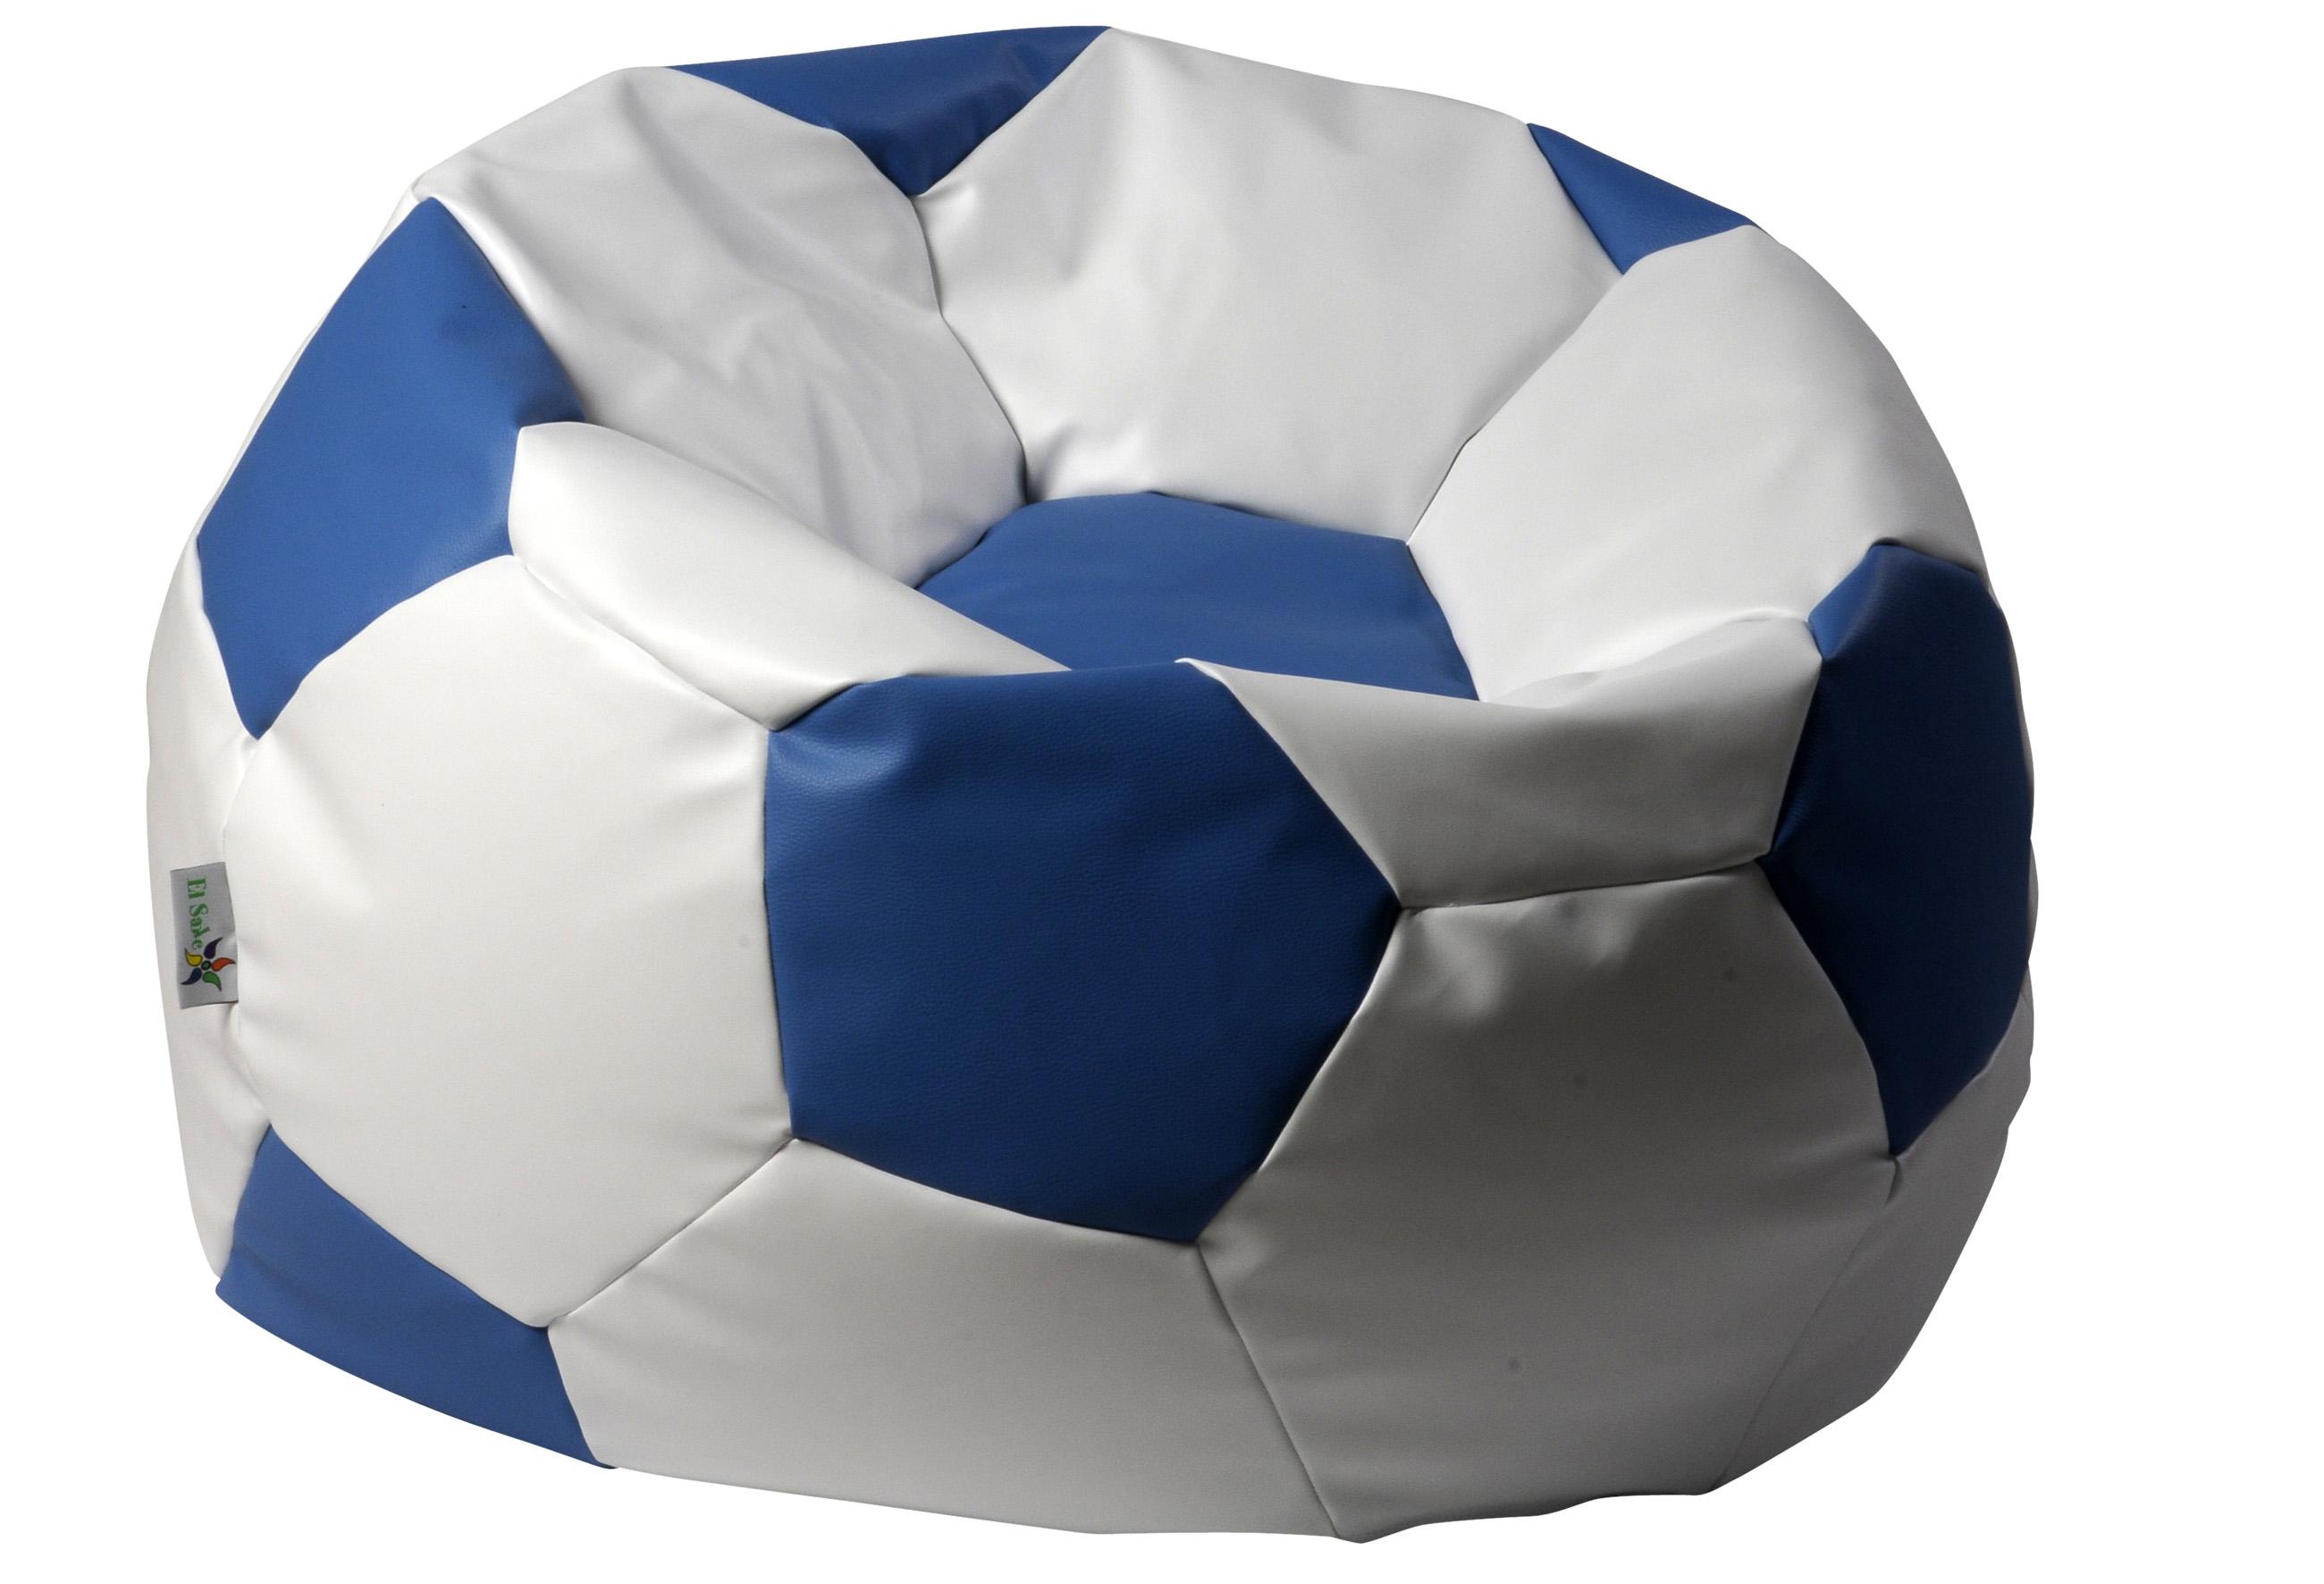 Euroball - 90 x 90 x 55 cm - Antares